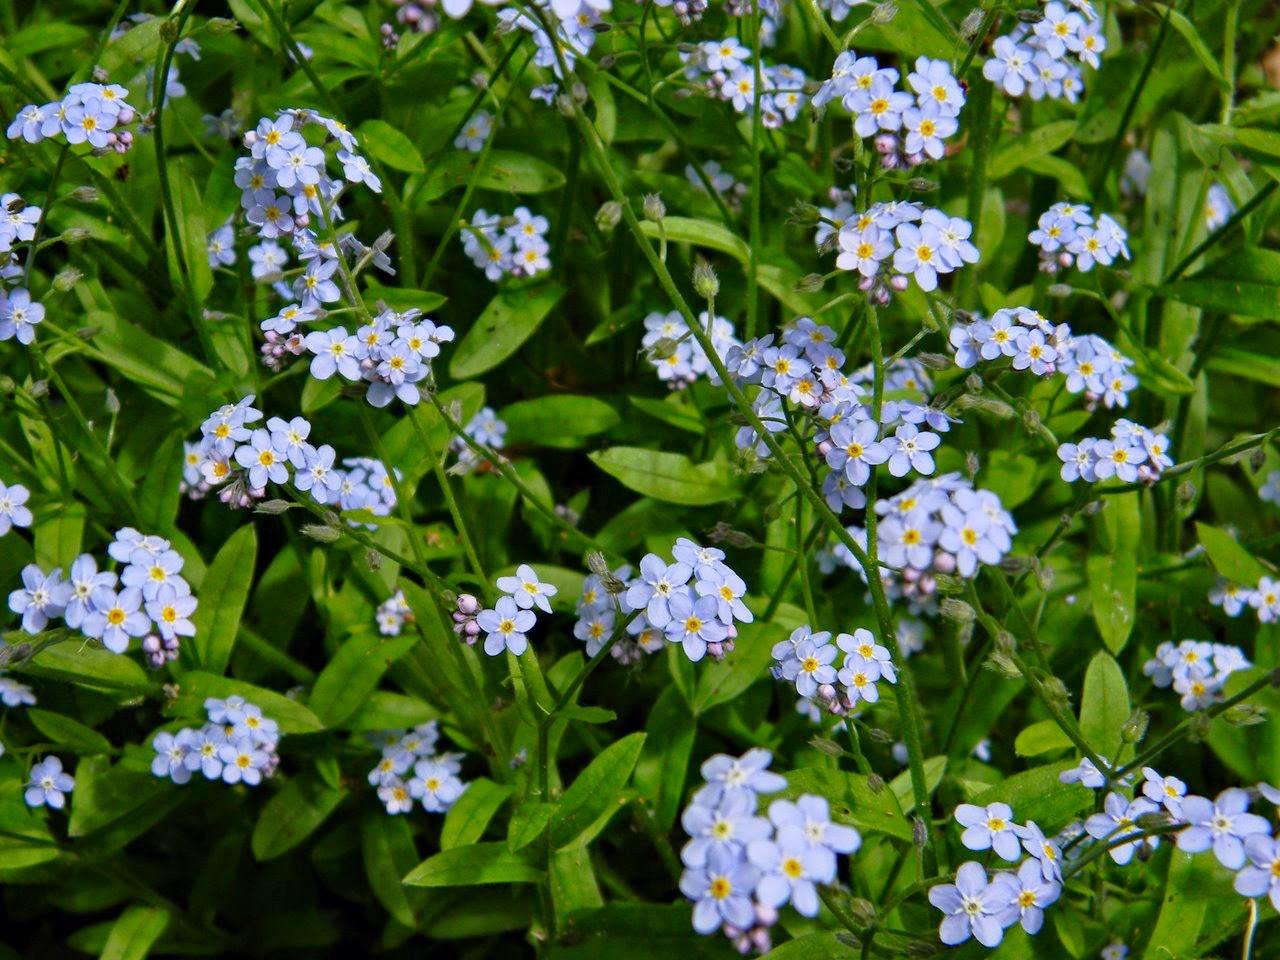 niezapominajki, kwiaty, byliny, święto niezapominajki